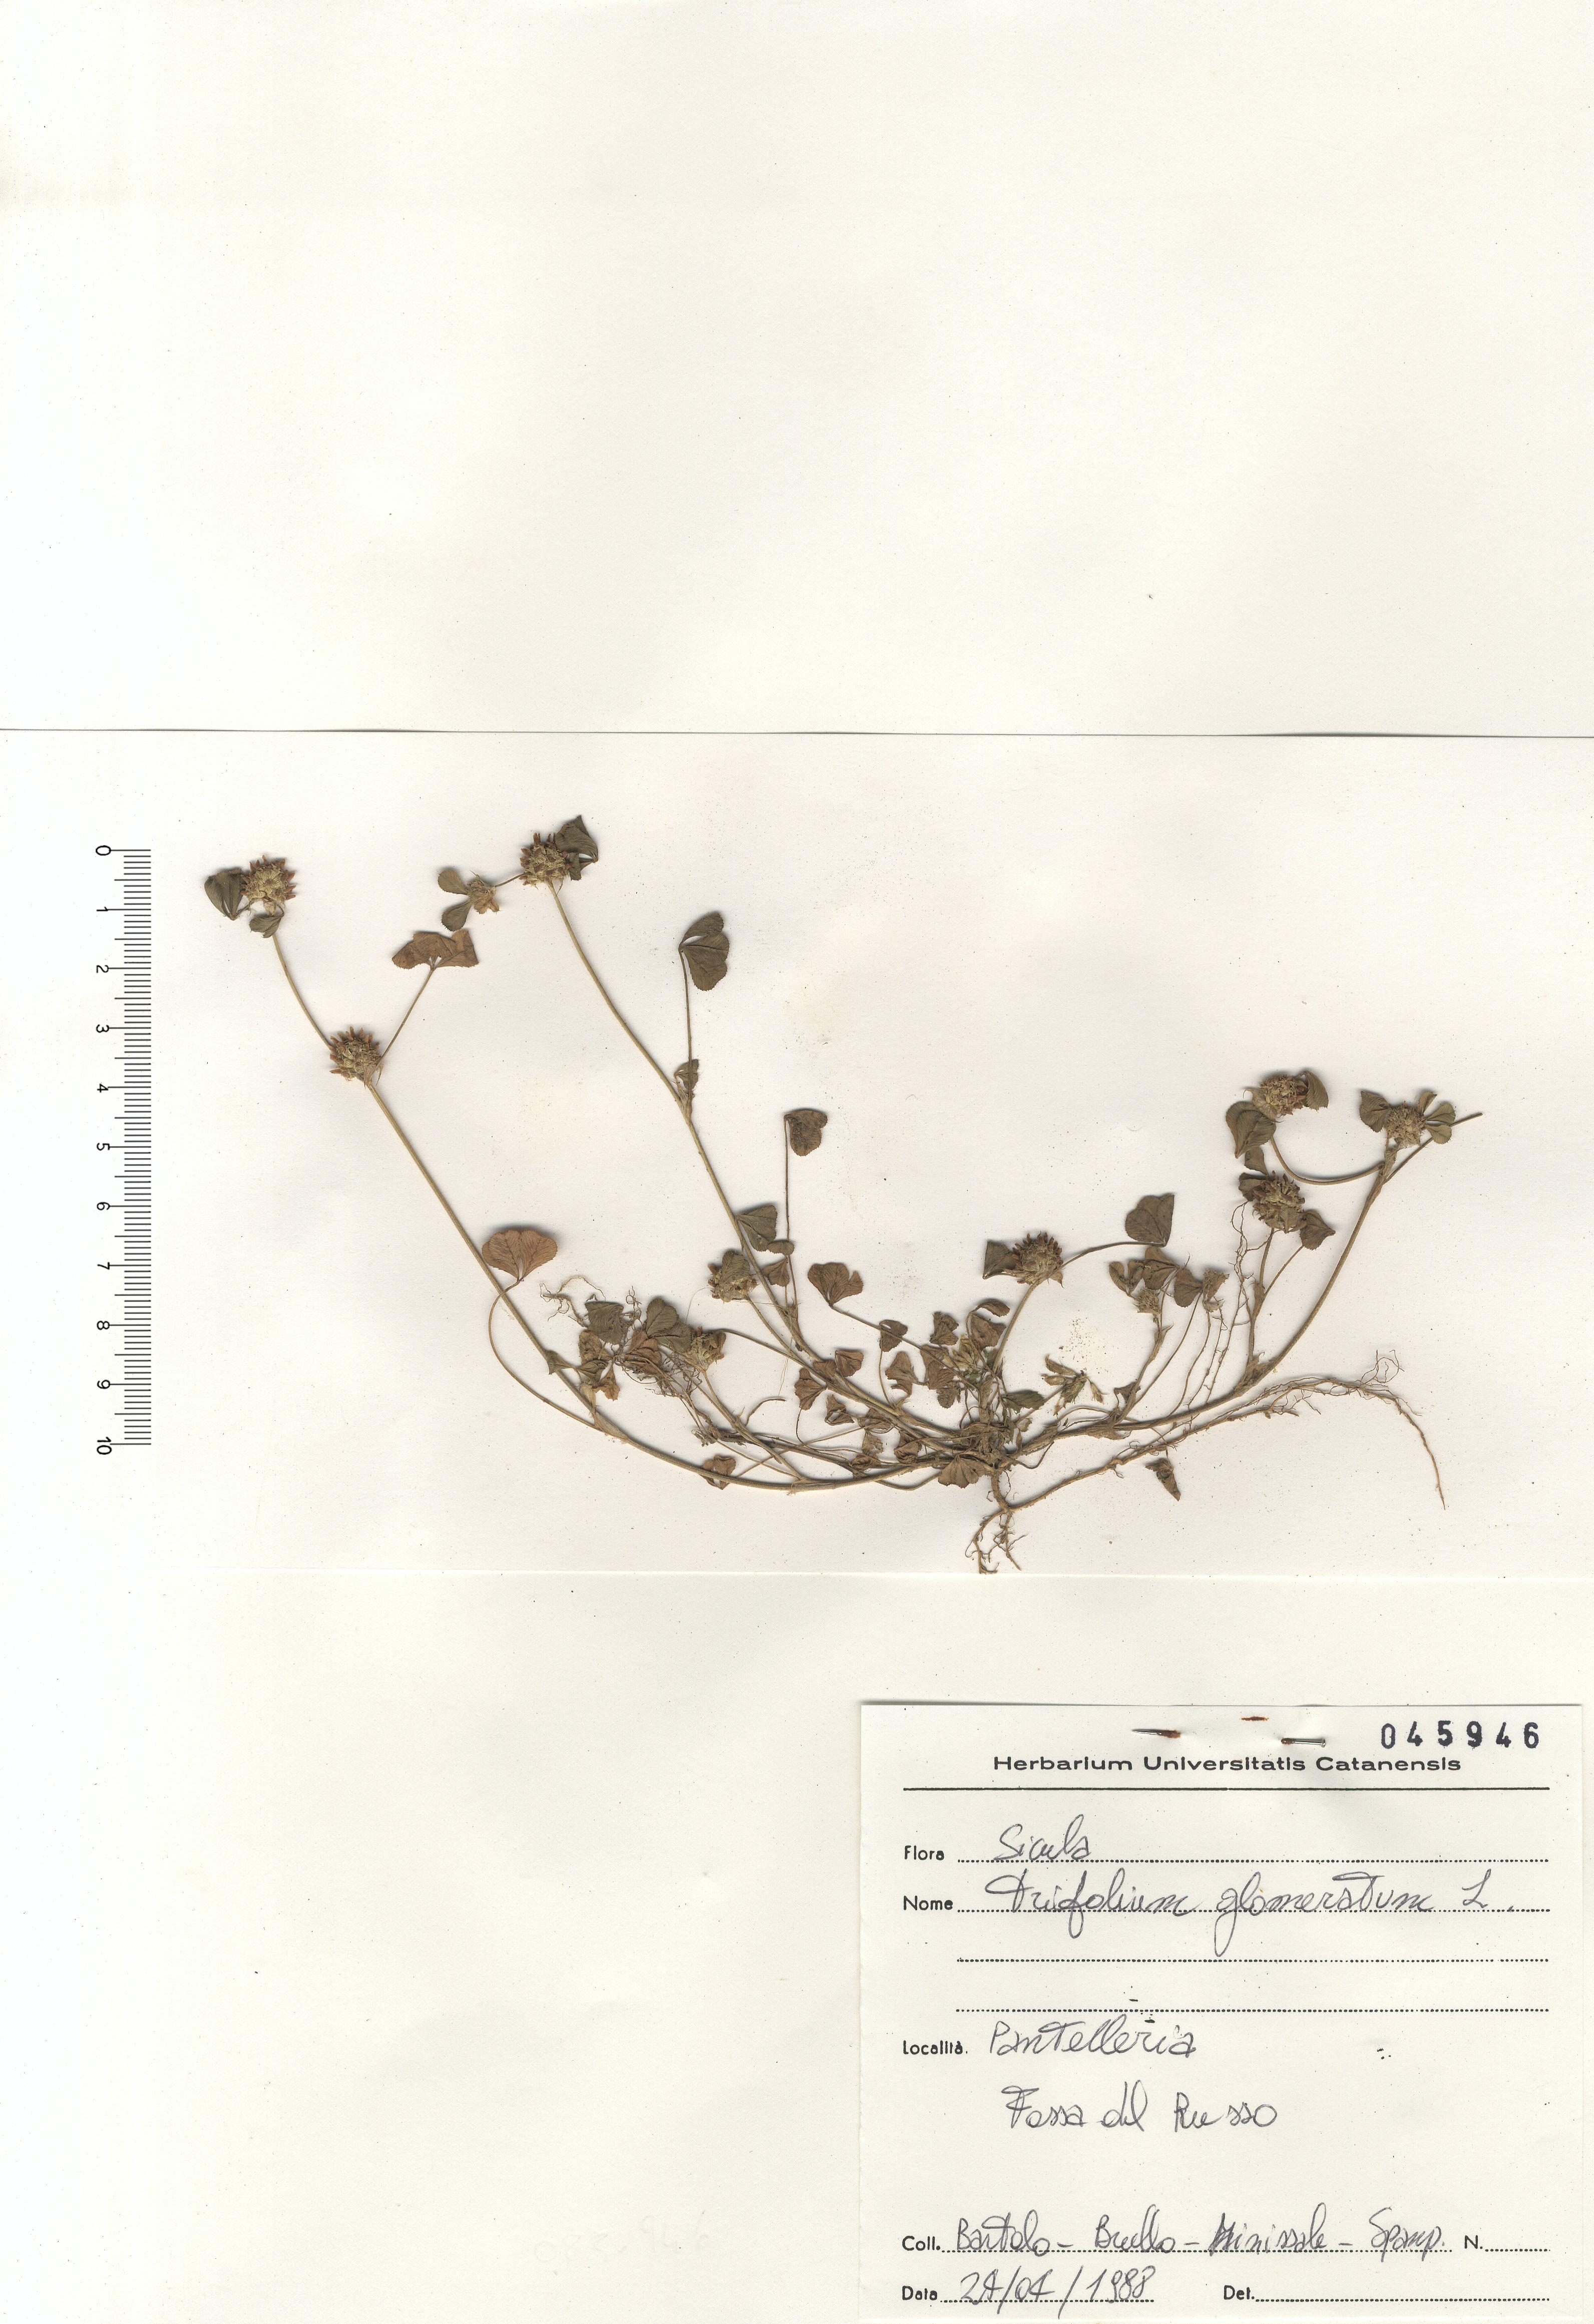 © Hortus Botanicus Catinensis - Herb. sheet 045946<br>